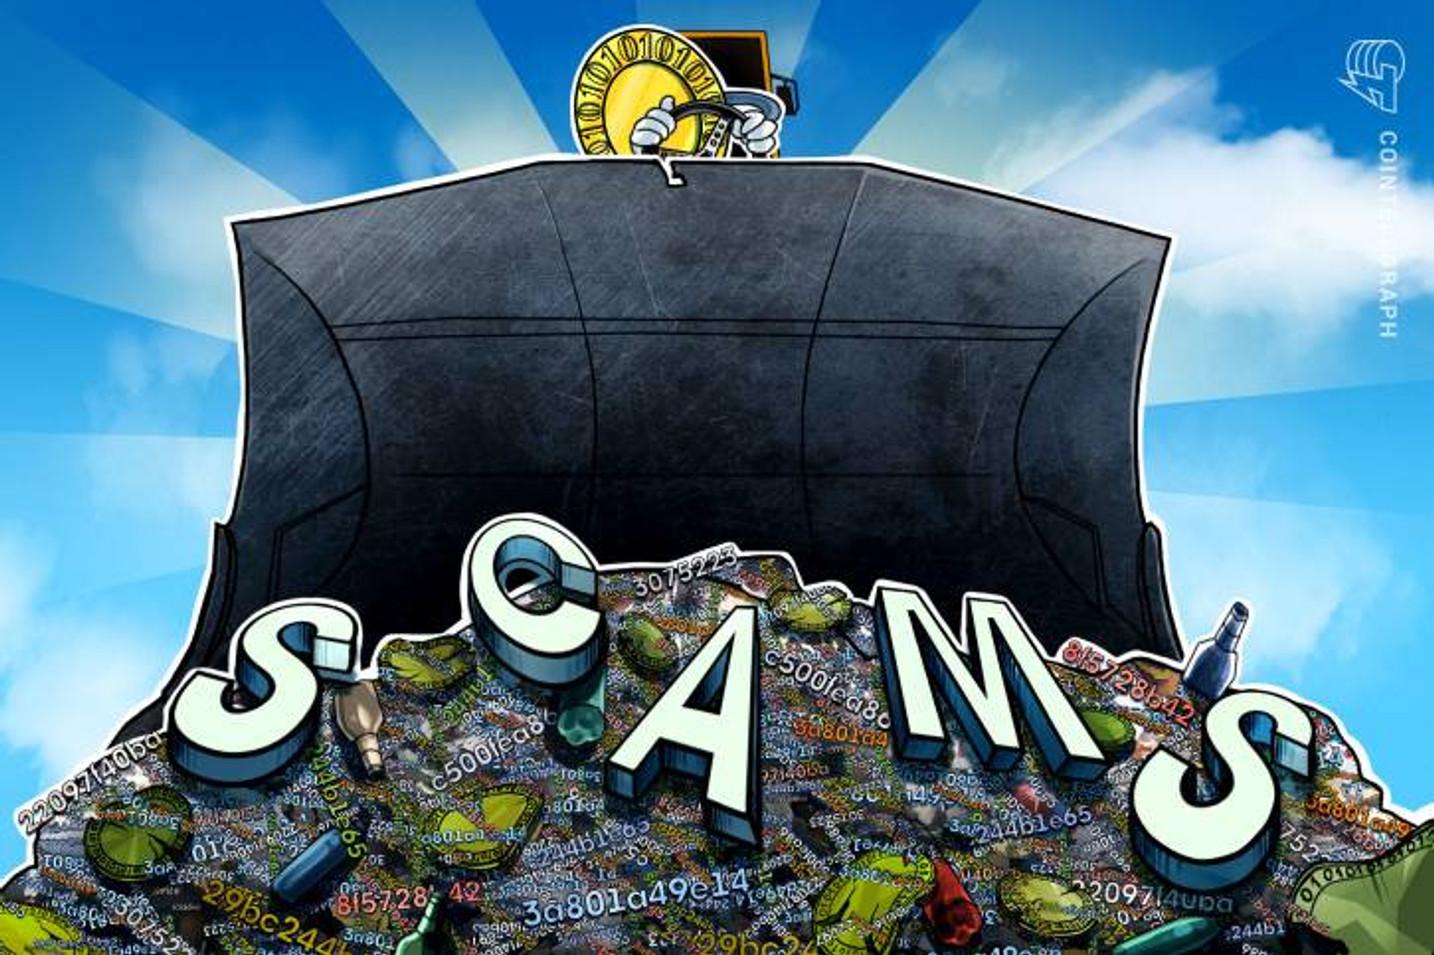 """Wertpapierregulatoren aus den USA und Kanada koordinieren Krypto-Untersuchungen im Zuge der """"Operation Cryptosweep"""""""